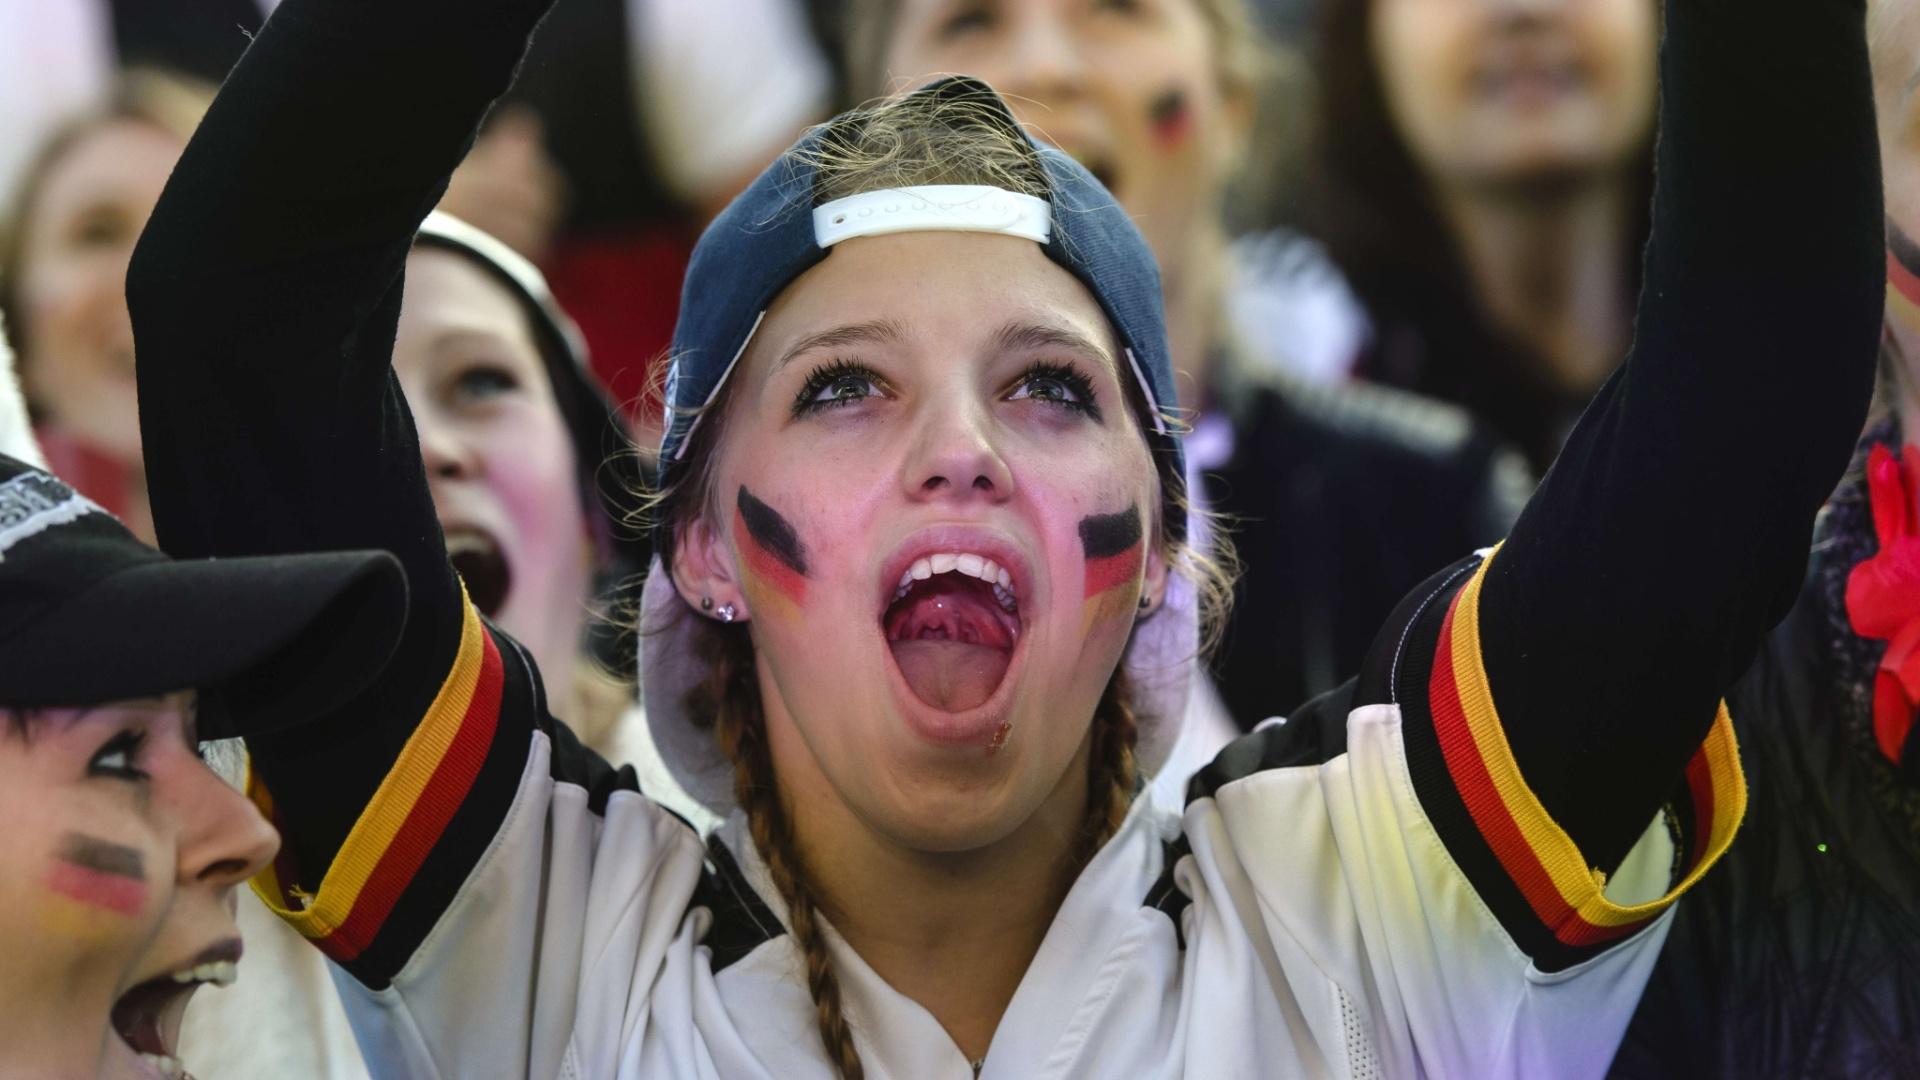 De Berlim, a bela alemã comemora um dos gols no empate por 2 a 2 com Gana em Fortaleza